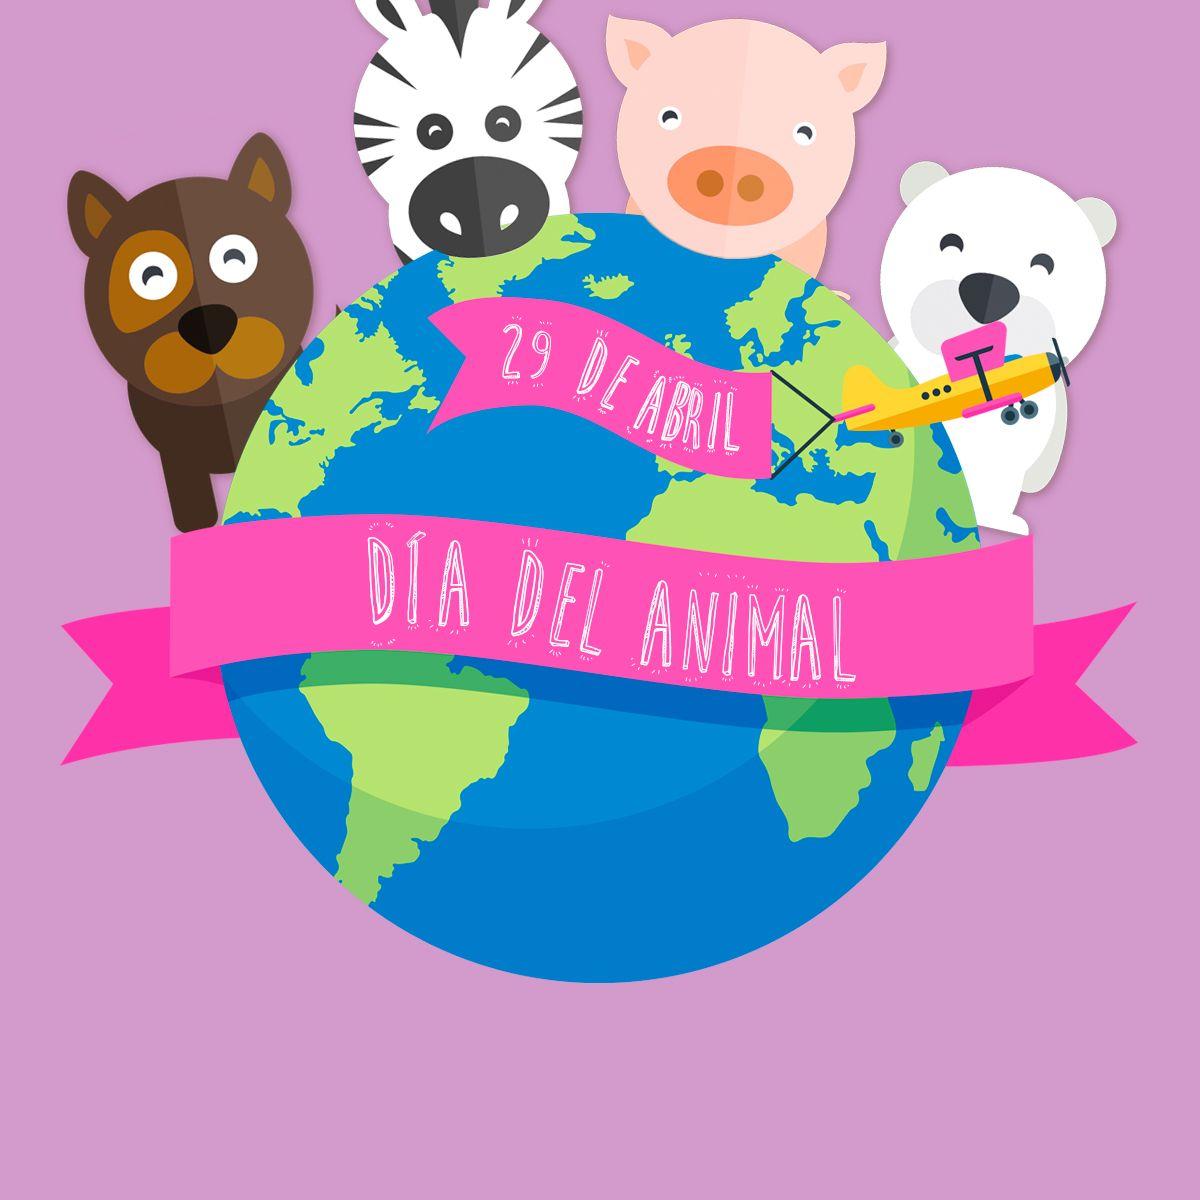 El Día del Animal se celebra en Argentina